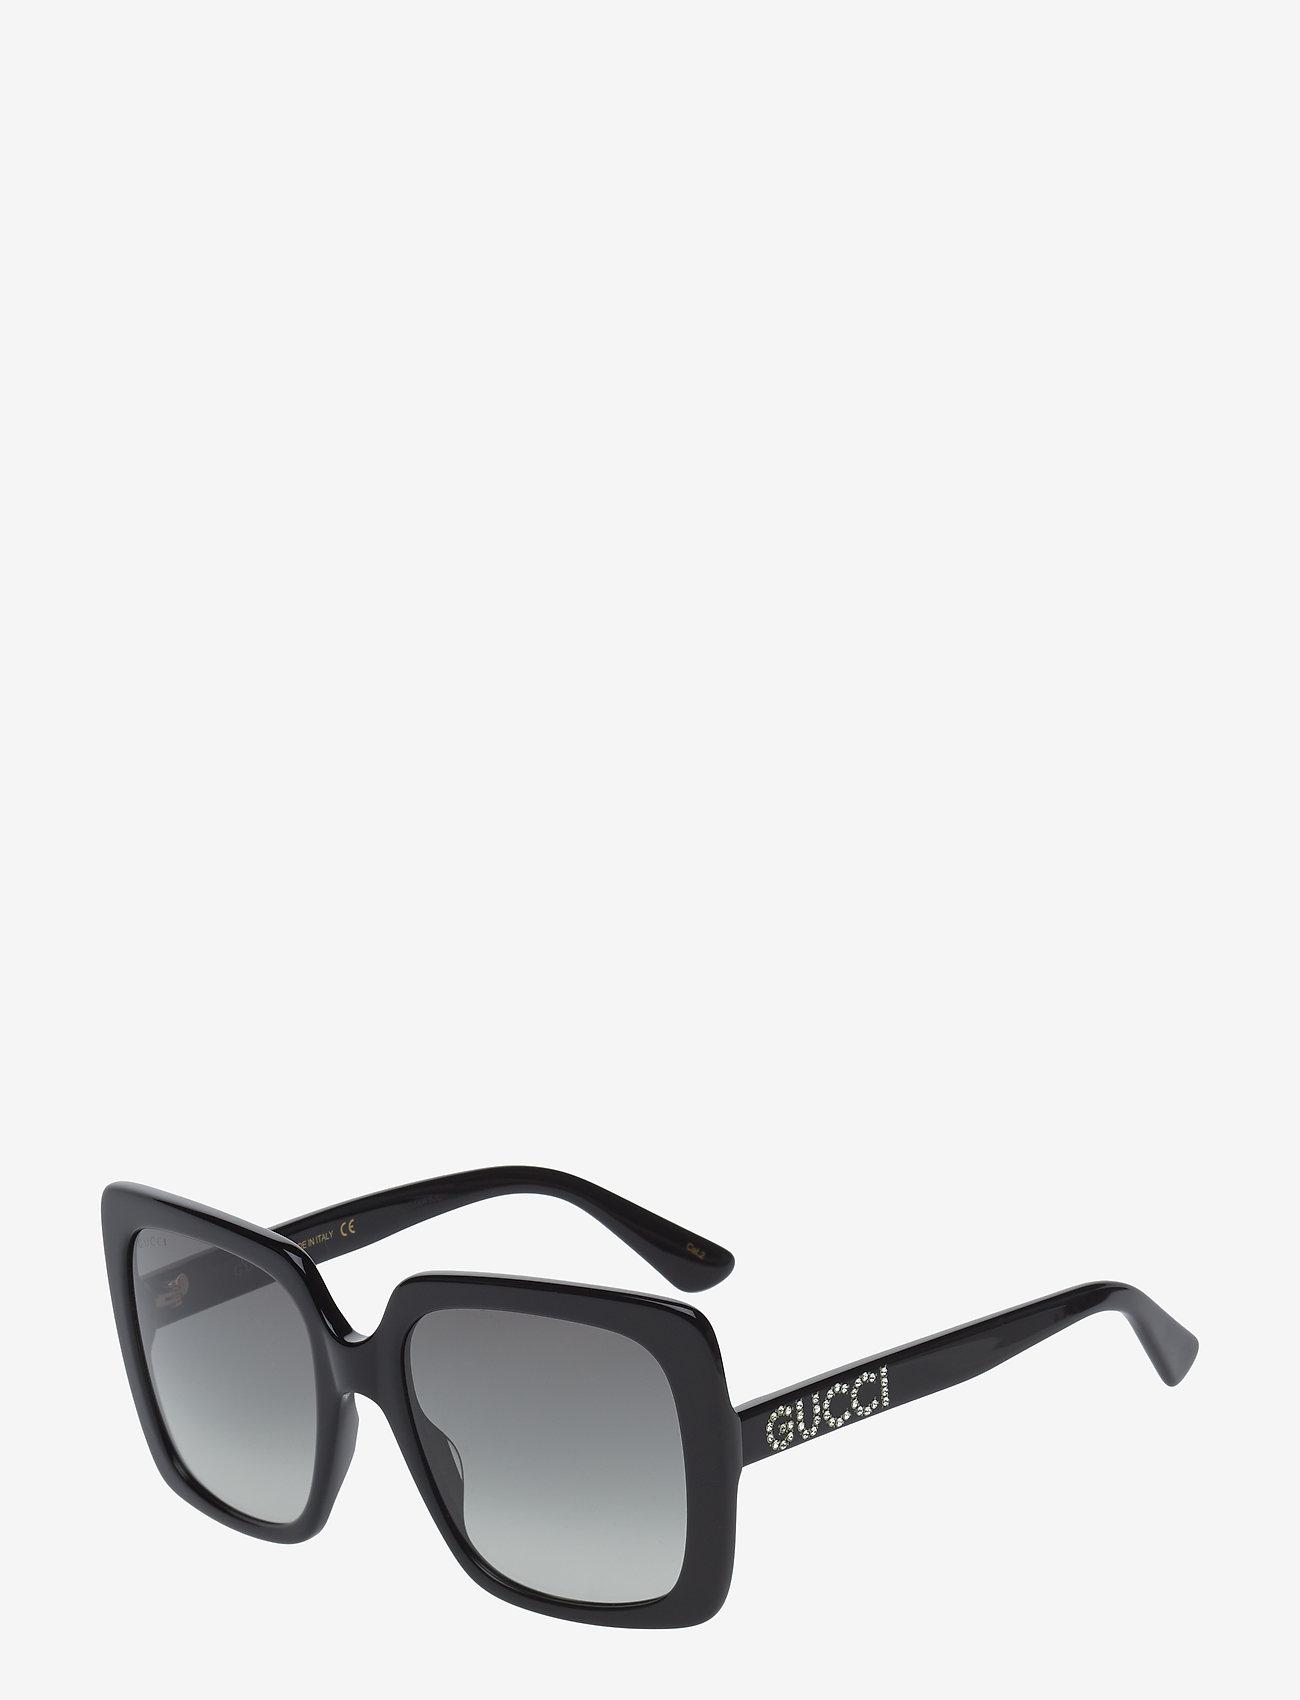 Gucci Sunglasses - GG0418S - square frame - black-black-grey - 1